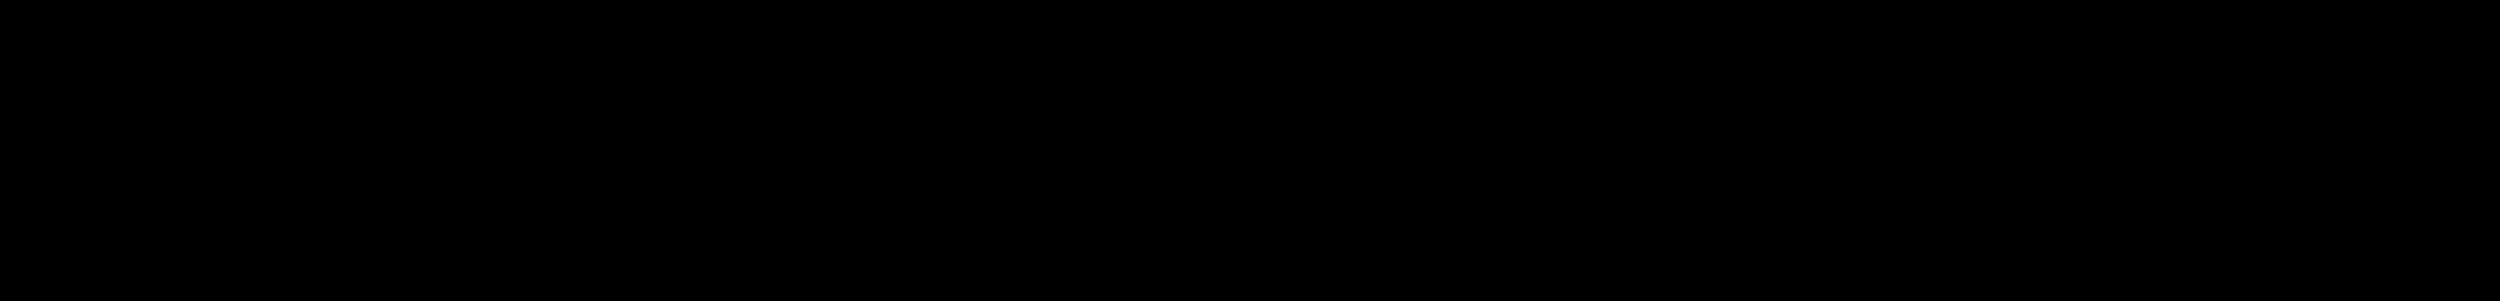 白石農園-と-かたくり福祉作業所-連携商品 朝採り当日発送-東京都練馬区産-